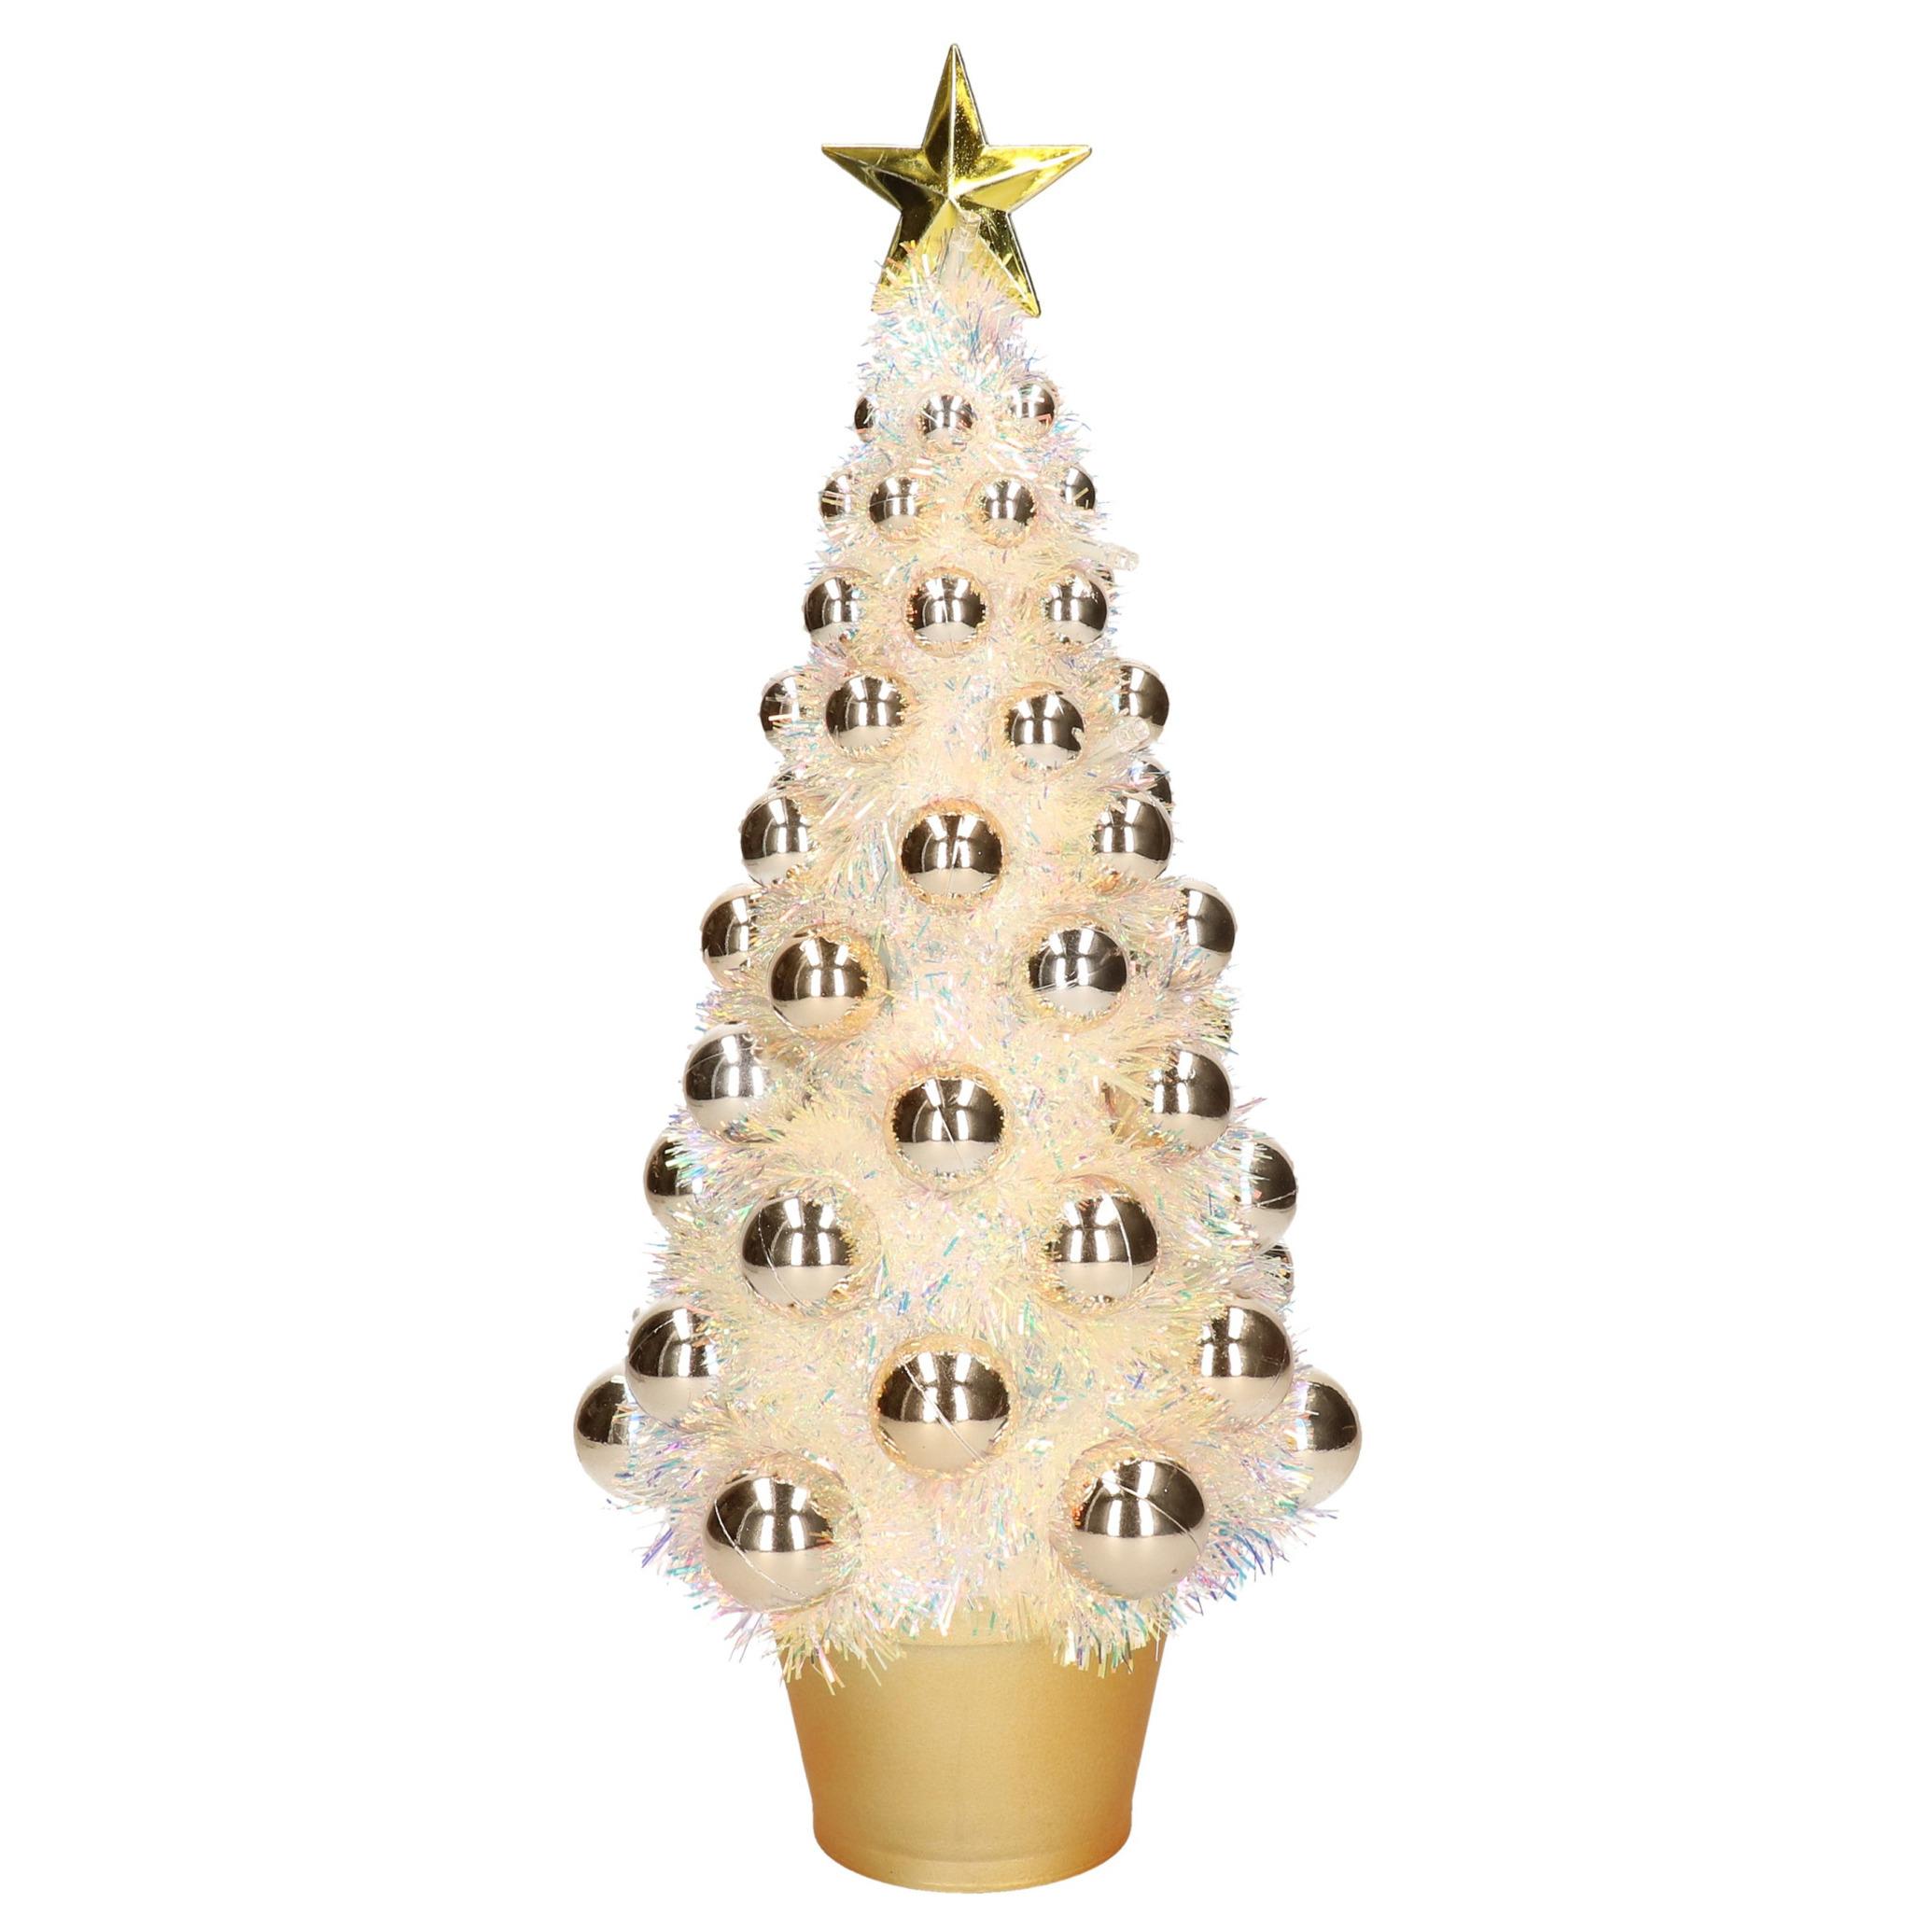 Complete mini kunst kerstboom-kunstboom goud met lichtjes 40 cm